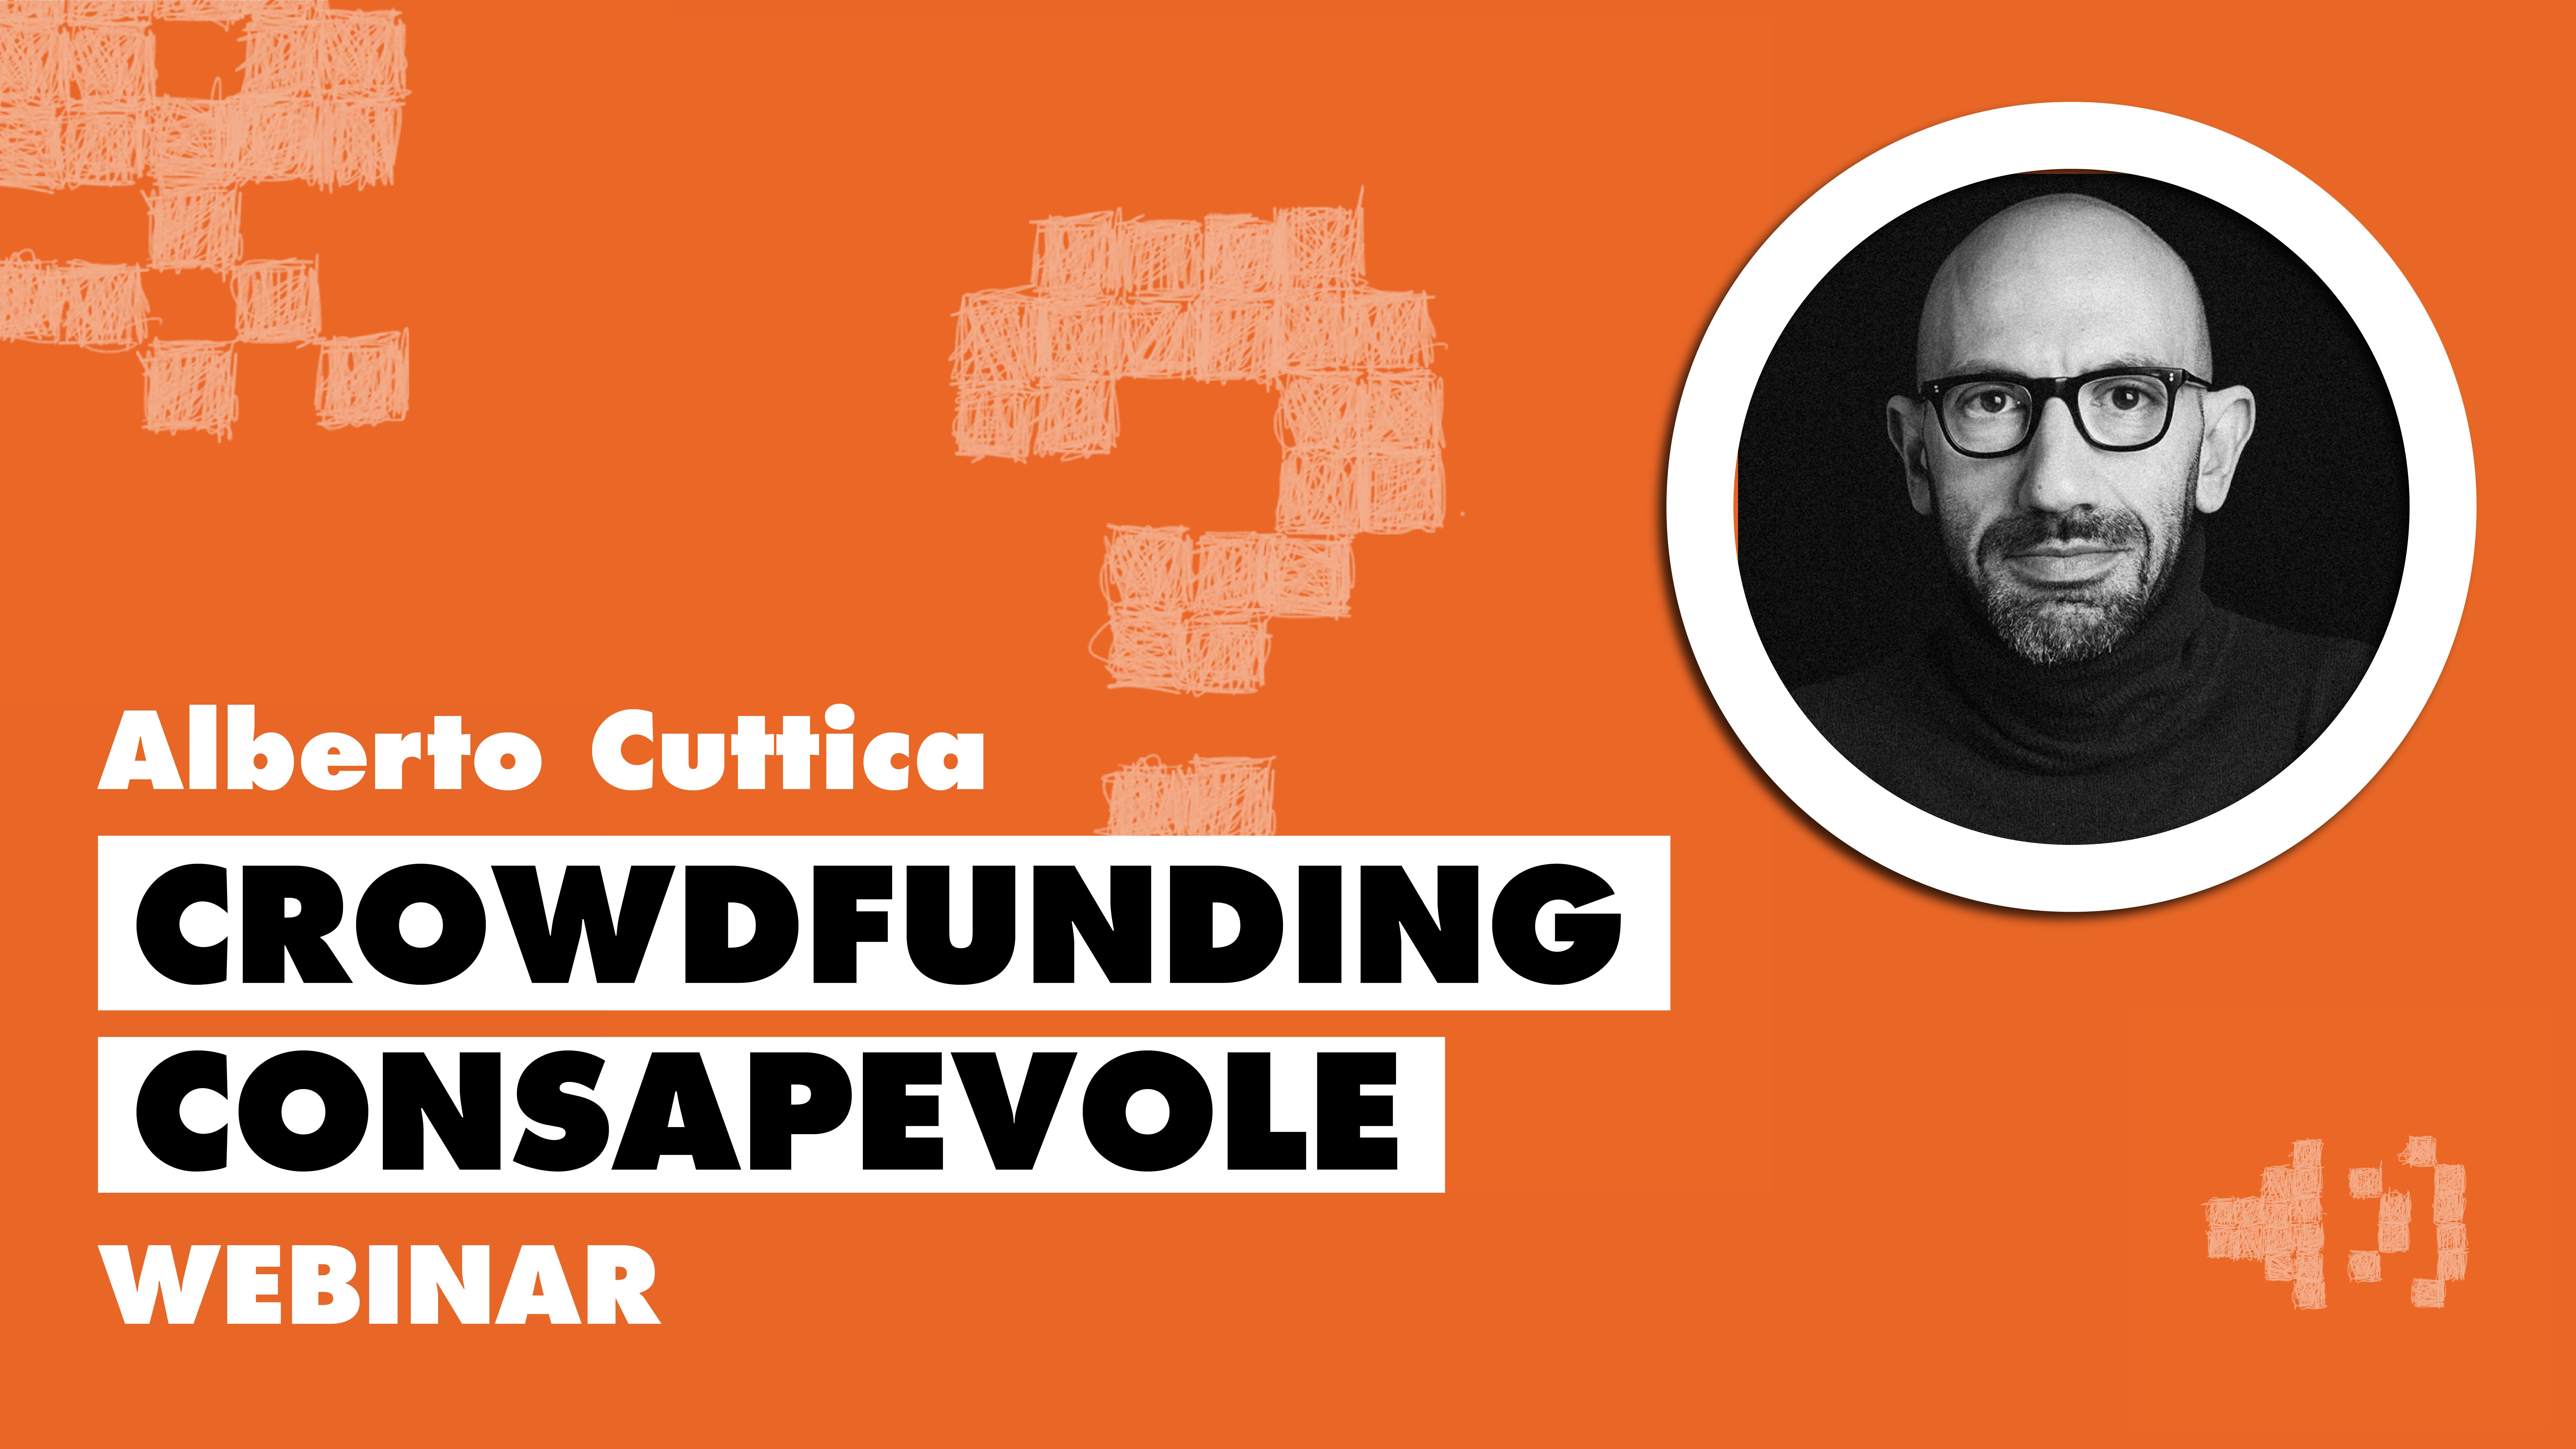 Crowdfunding consapevole: sceglierlo, usarlo, evitarlo